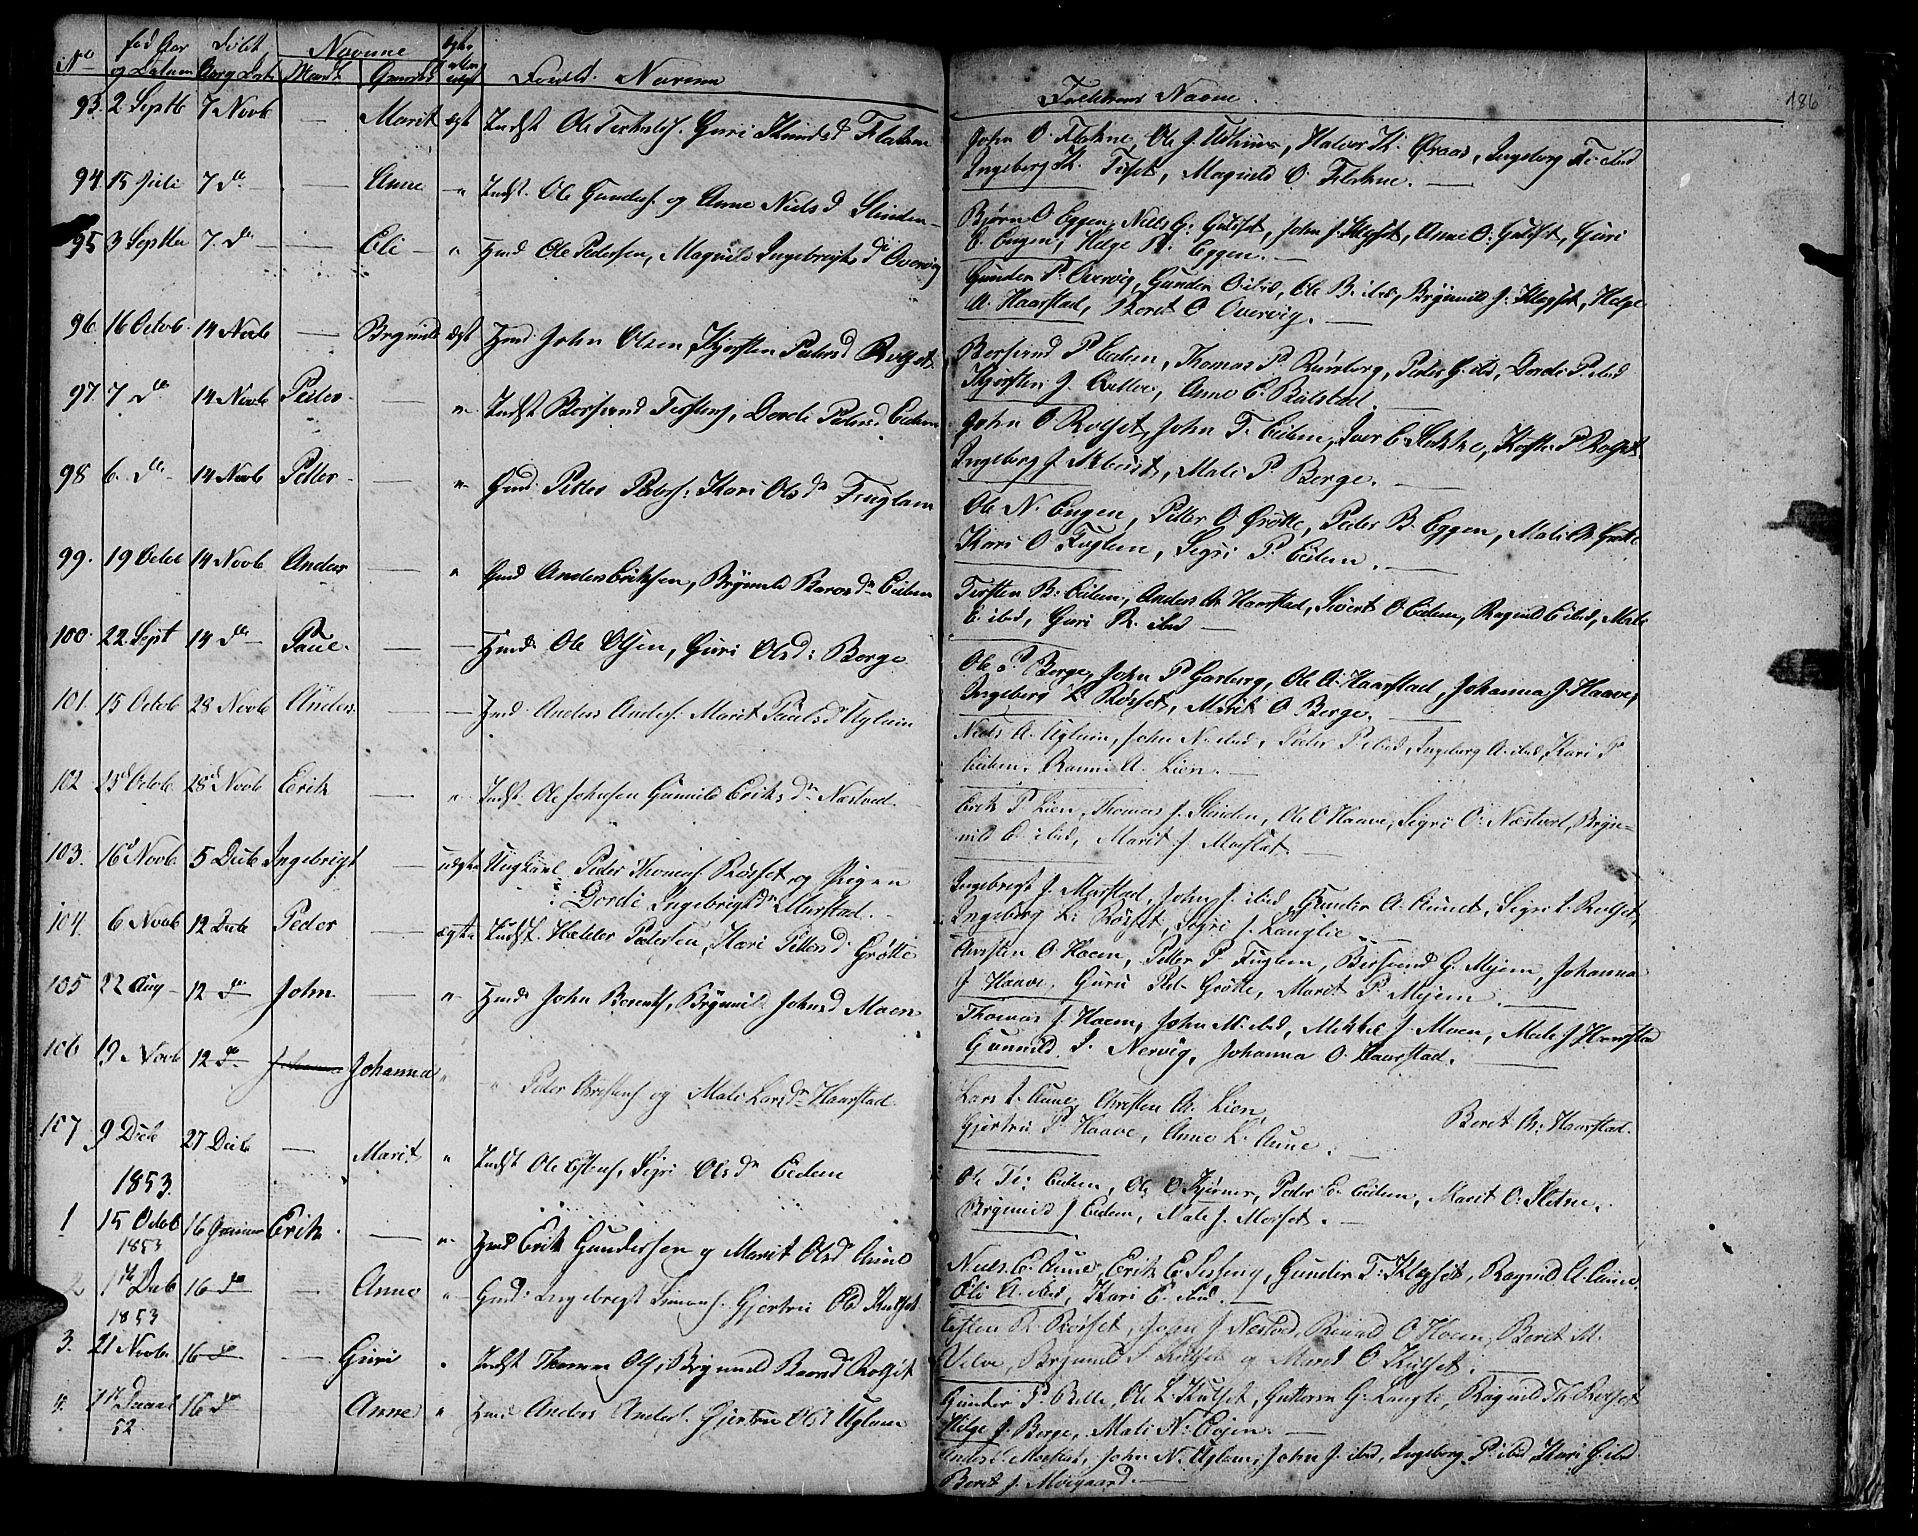 SAT, Ministerialprotokoller, klokkerbøker og fødselsregistre - Sør-Trøndelag, 695/L1154: Klokkerbok nr. 695C05, 1842-1858, s. 186